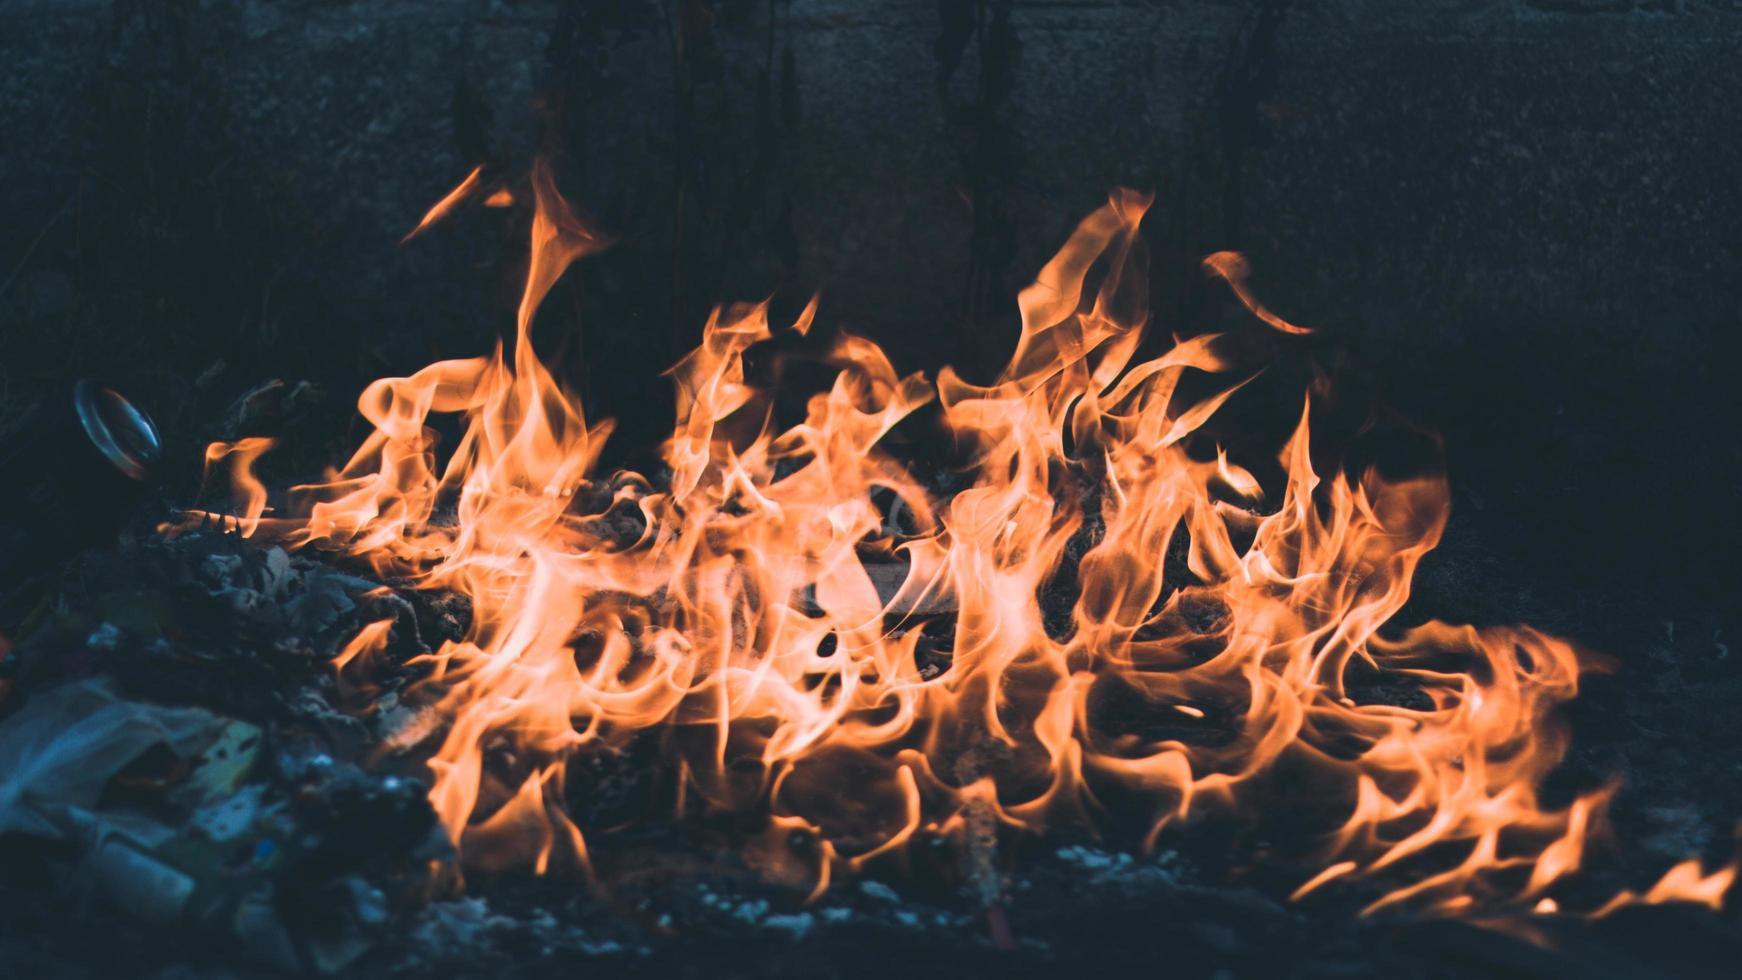 feu de camp de déchets en feu photo